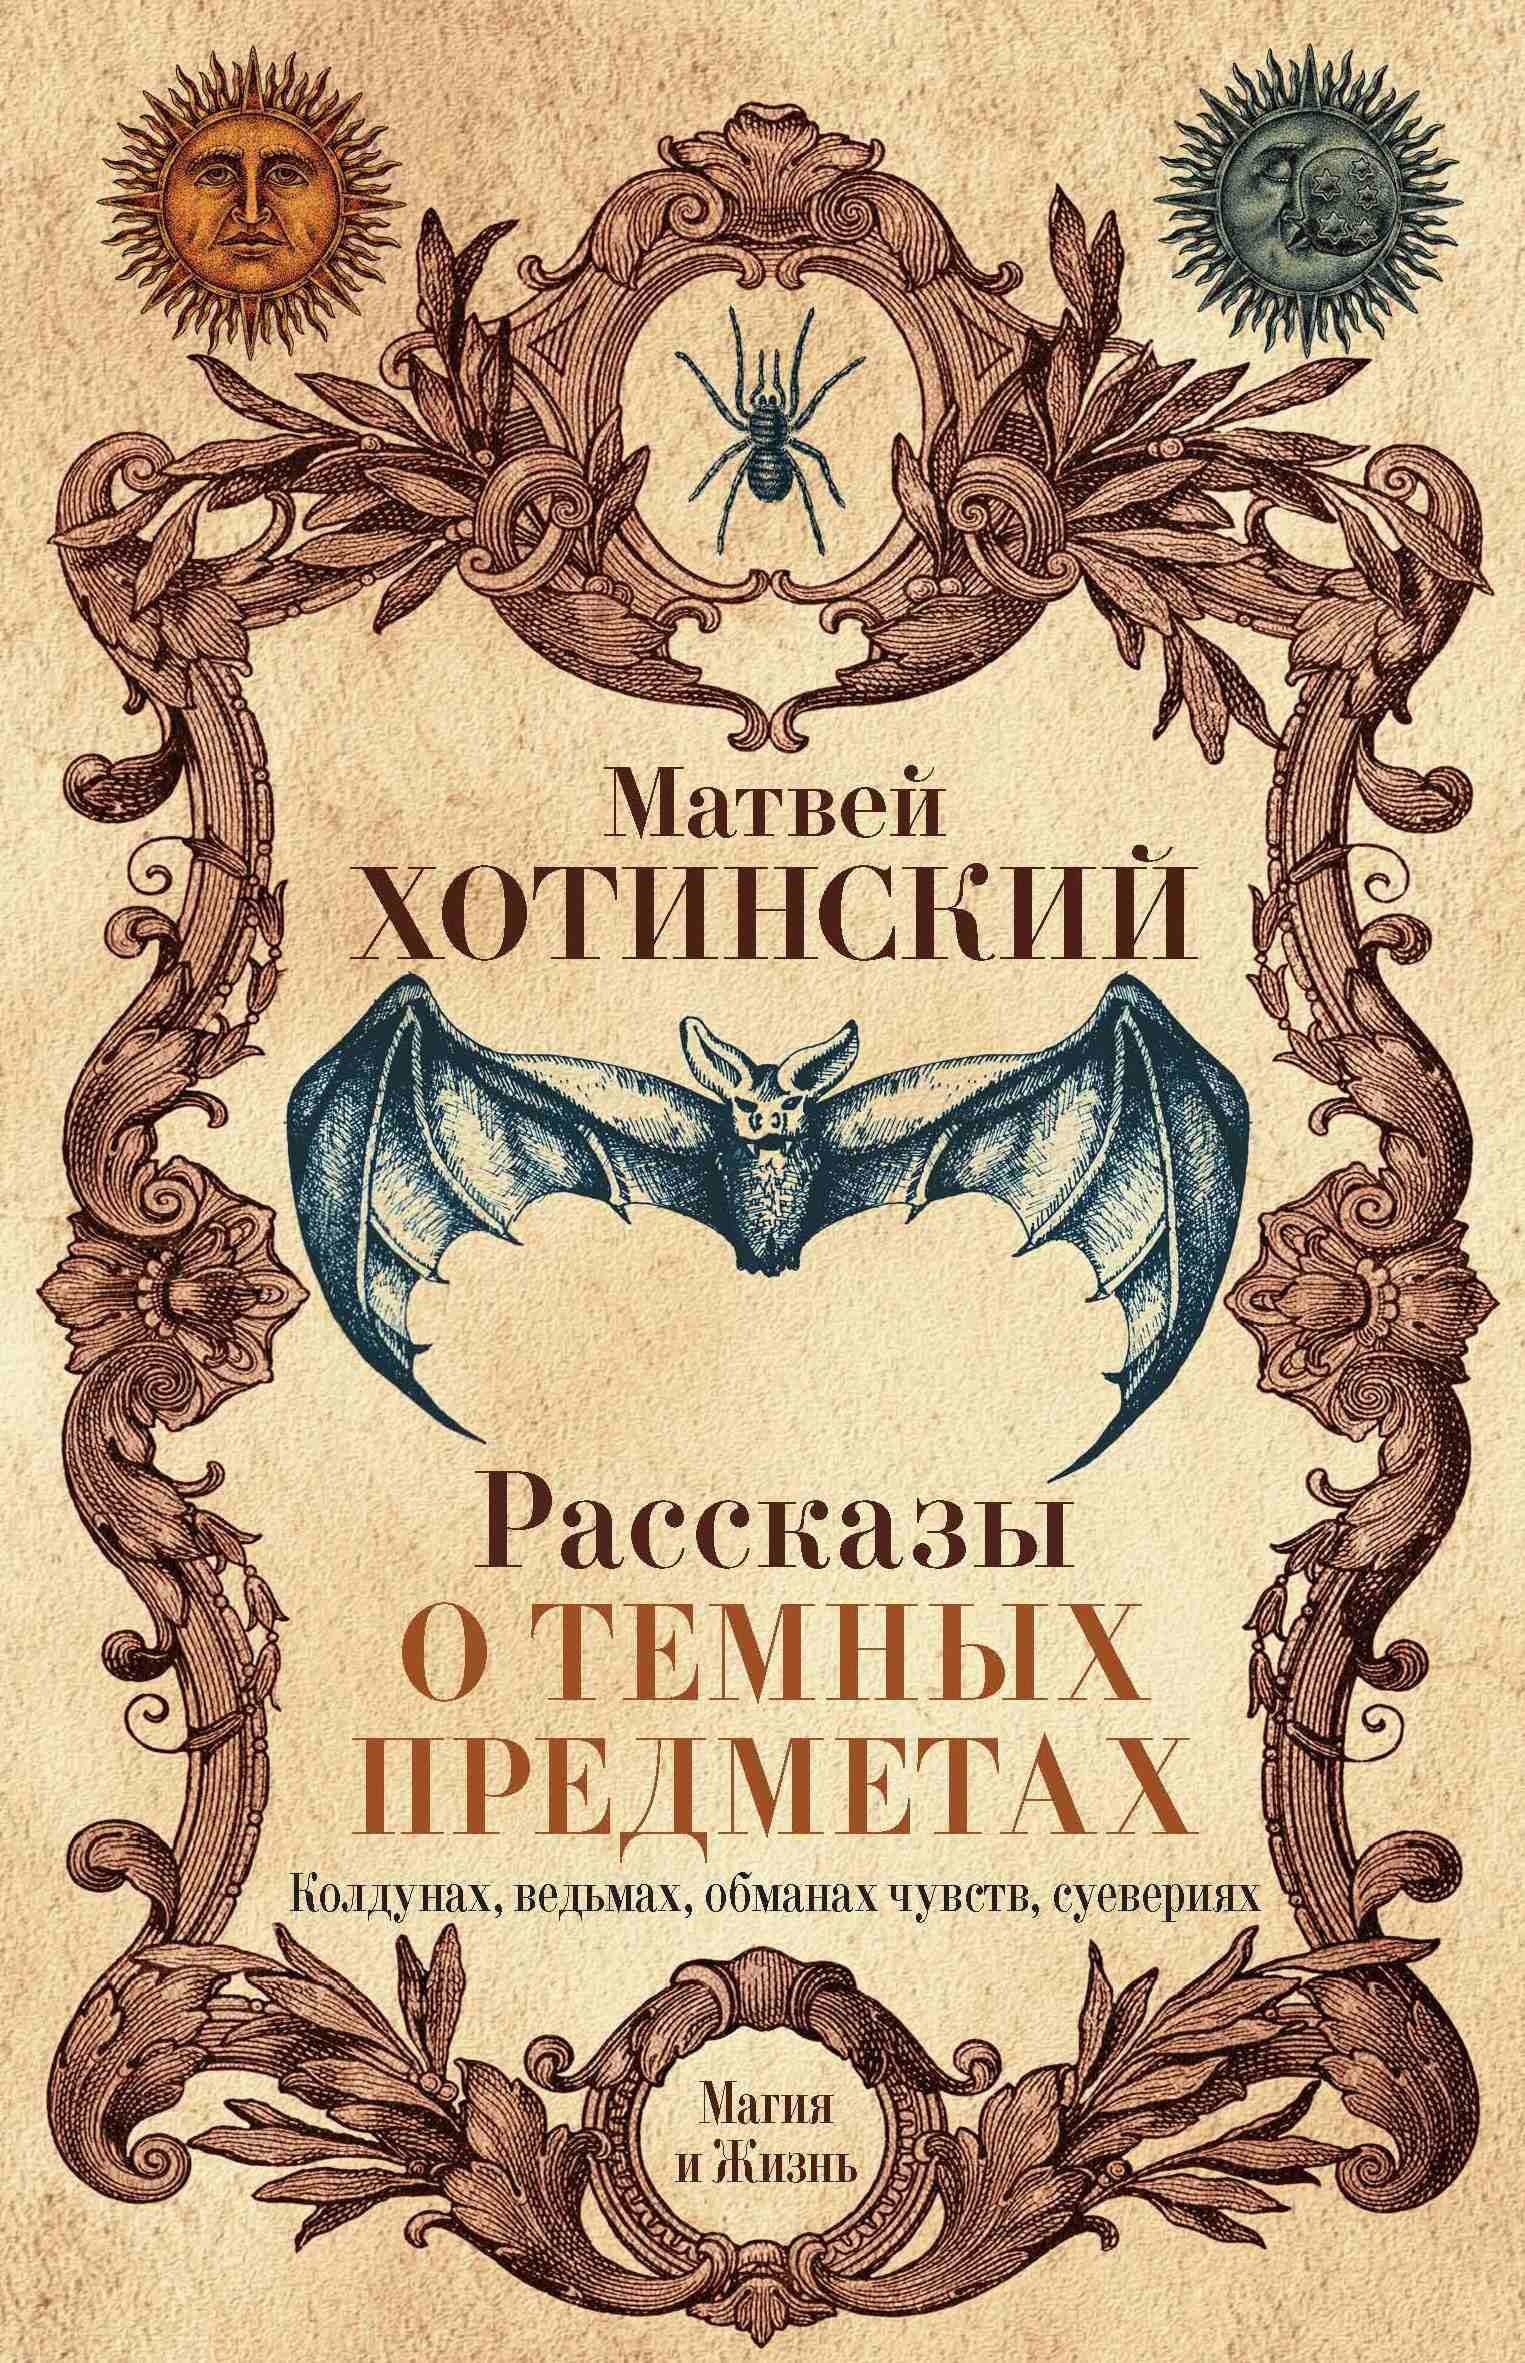 Матвей Хотинский Рассказы о темных предметах, колдунах, ведьмах, обманах чувств, суевериях цена и фото